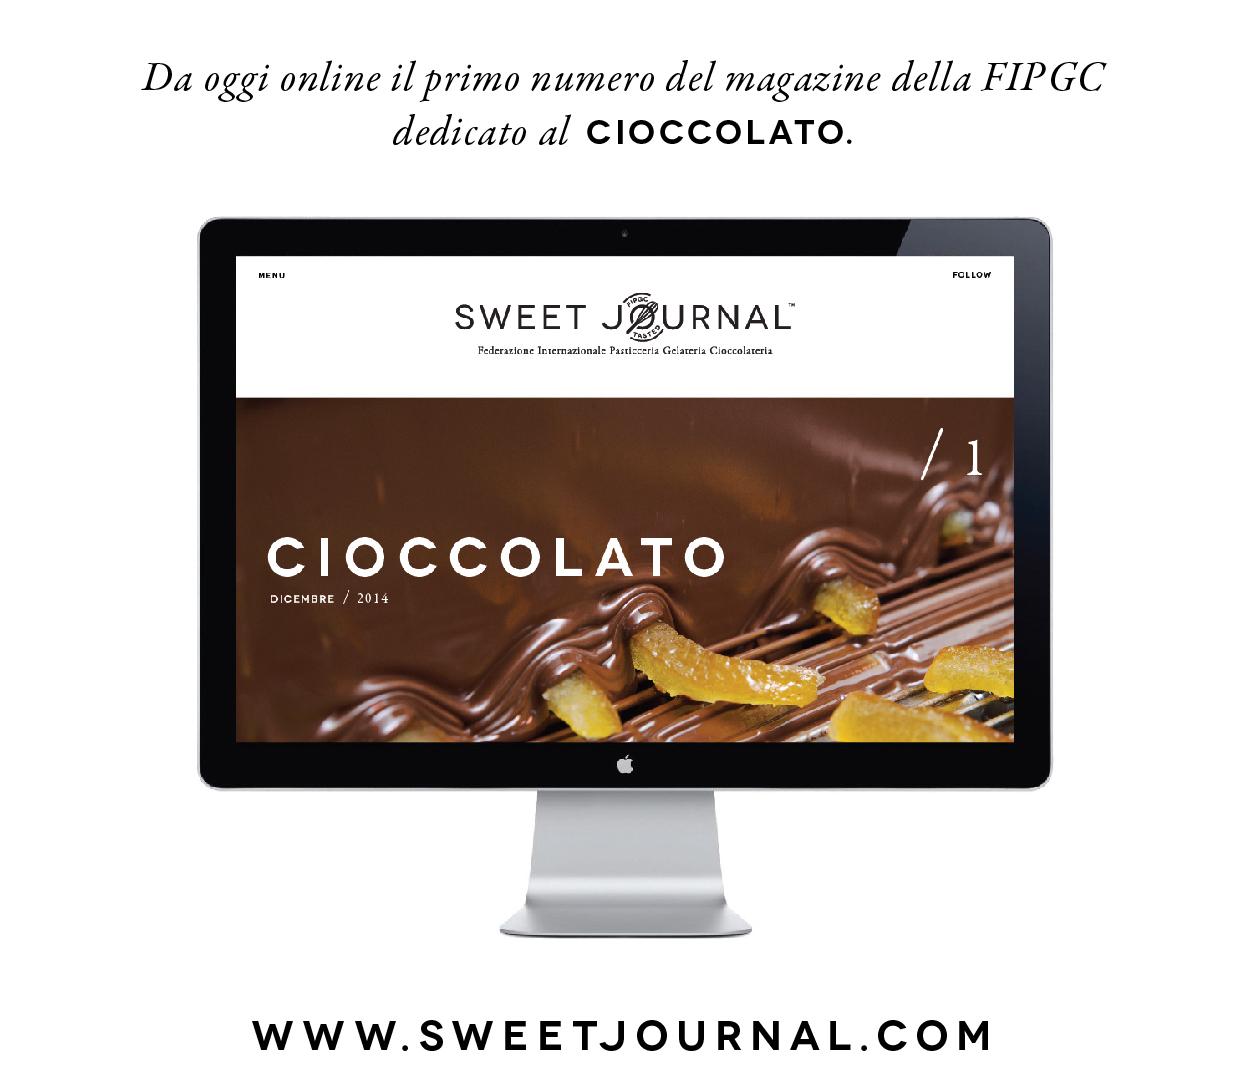 gratis il magazine della fipgc dedicato al cioccolato